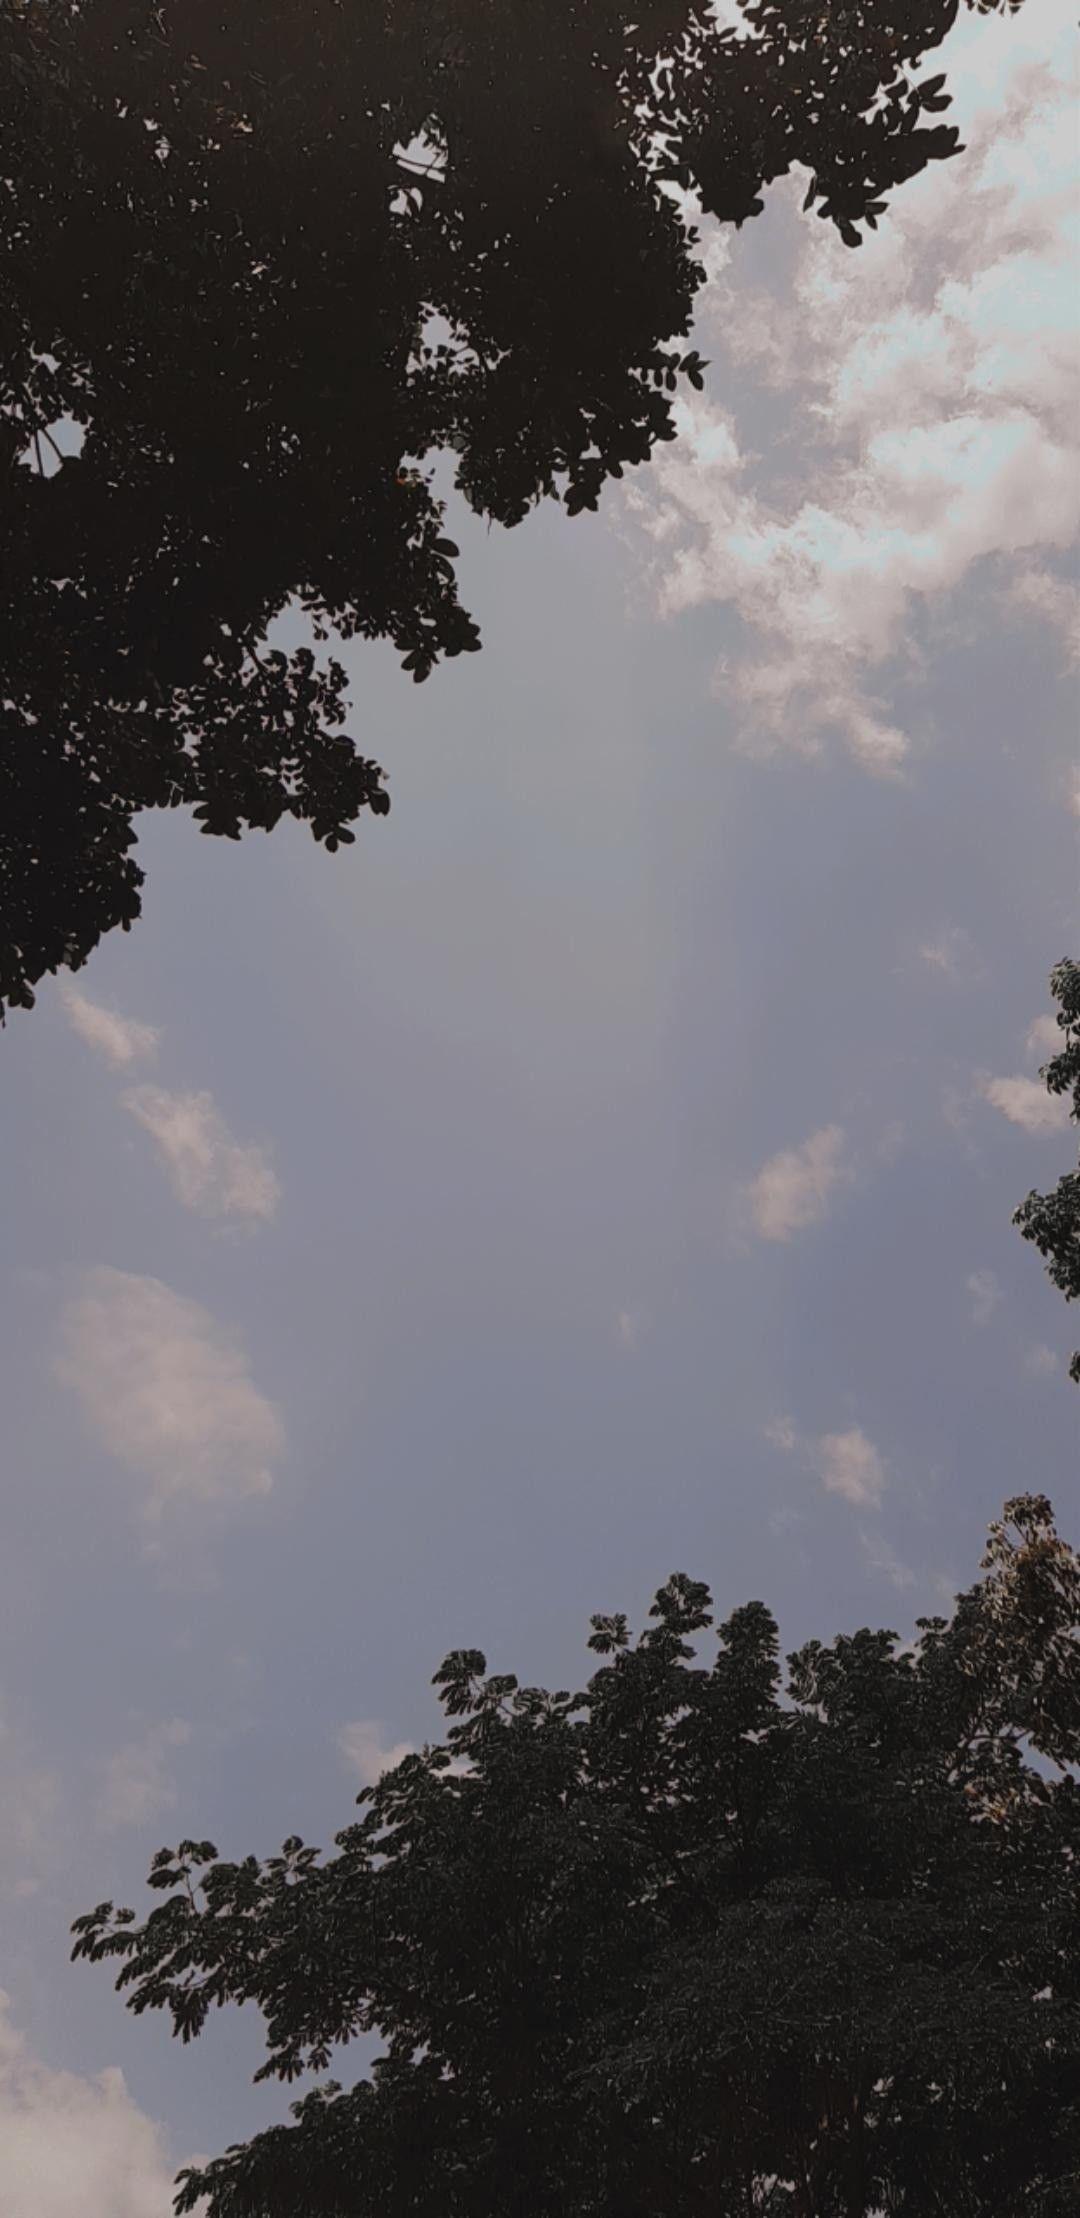 Blue Sky Di 2020 Pemandangan Fotografi Alam Fotografi Perjalanan